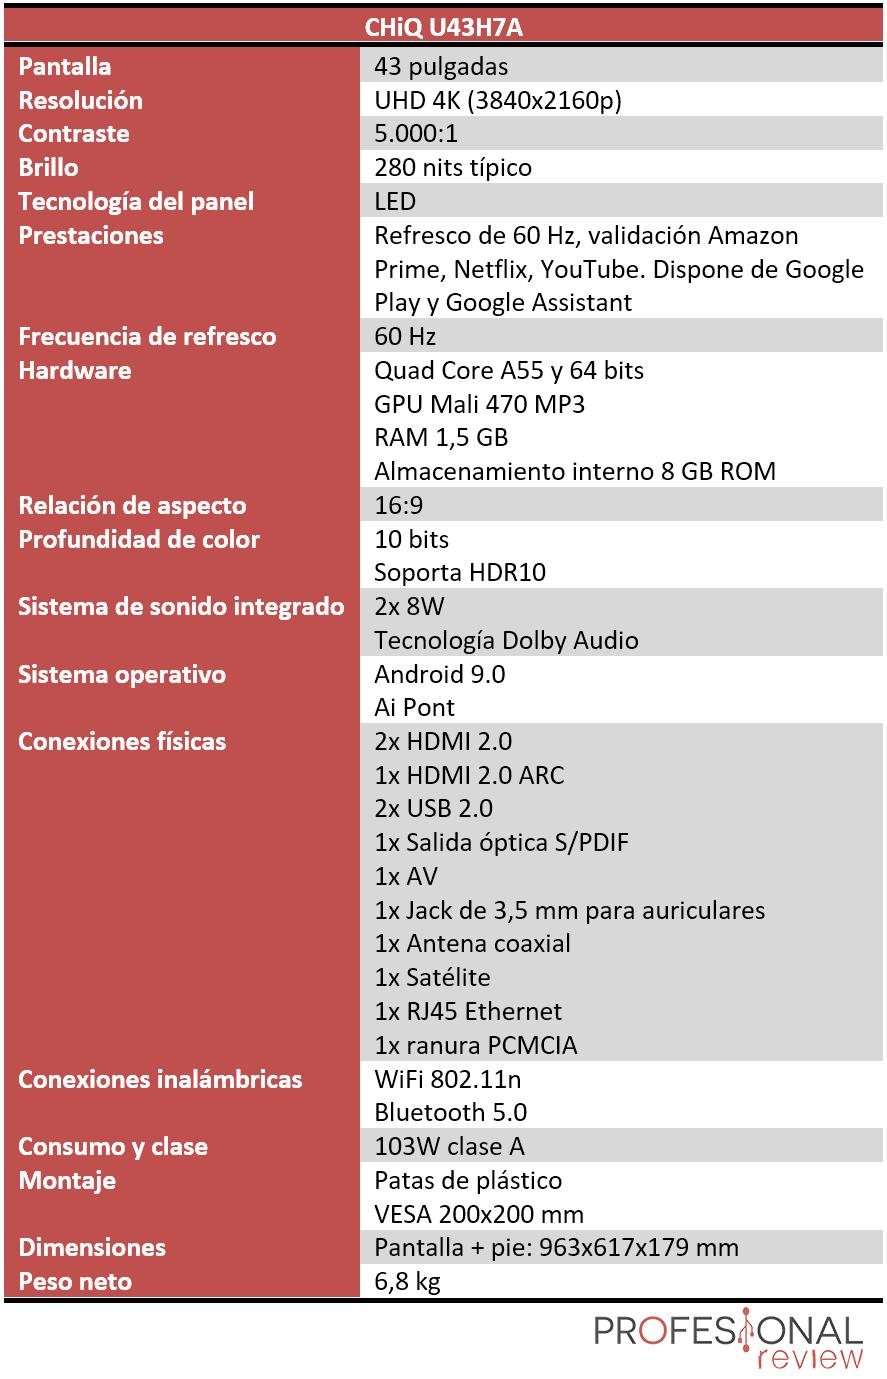 CHiQ U43H7A Características